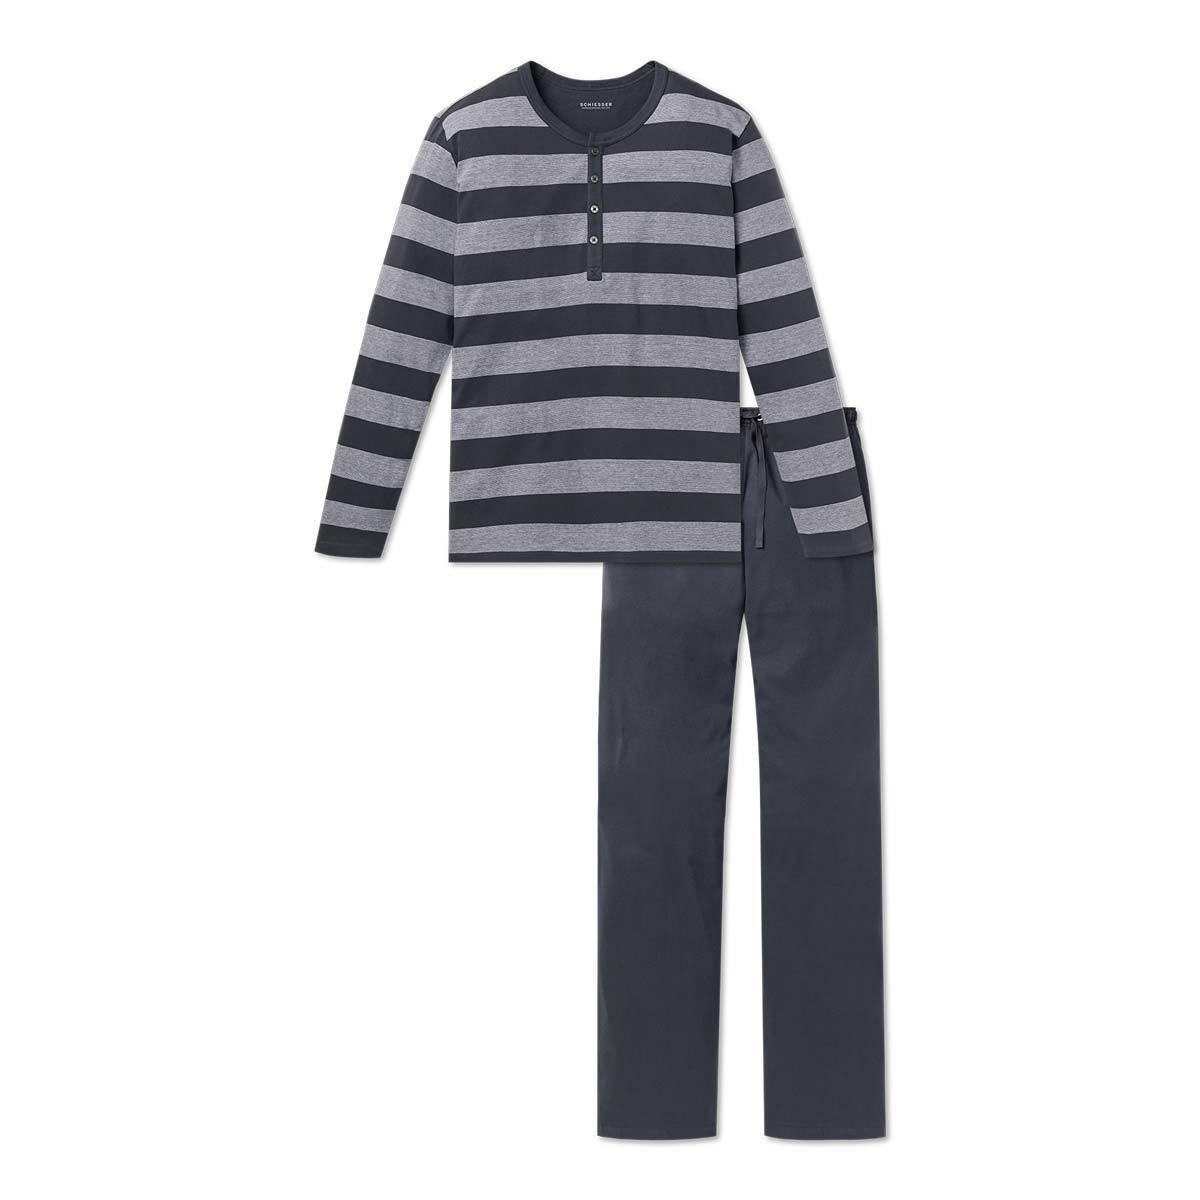 Schiesser Herren Schlafanzug Pyjama lang anthrazit